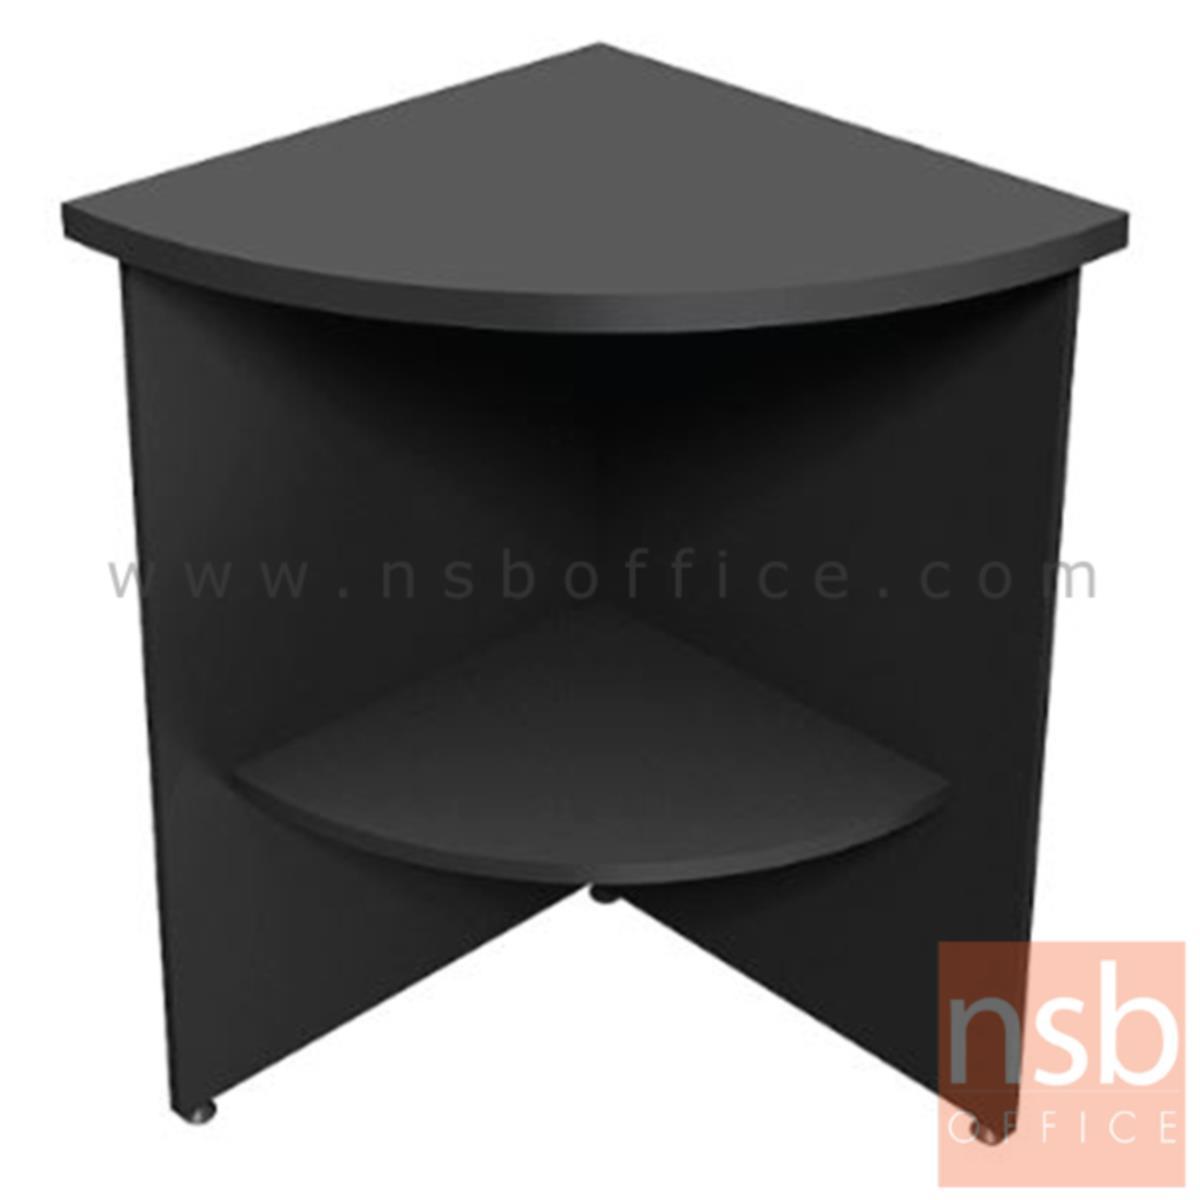 A26A015:โต๊ะเข้ามุม  รุ่น Bestluck (เบสต์ลักค์) ขนาด 60W*75H cm. เมลามีน